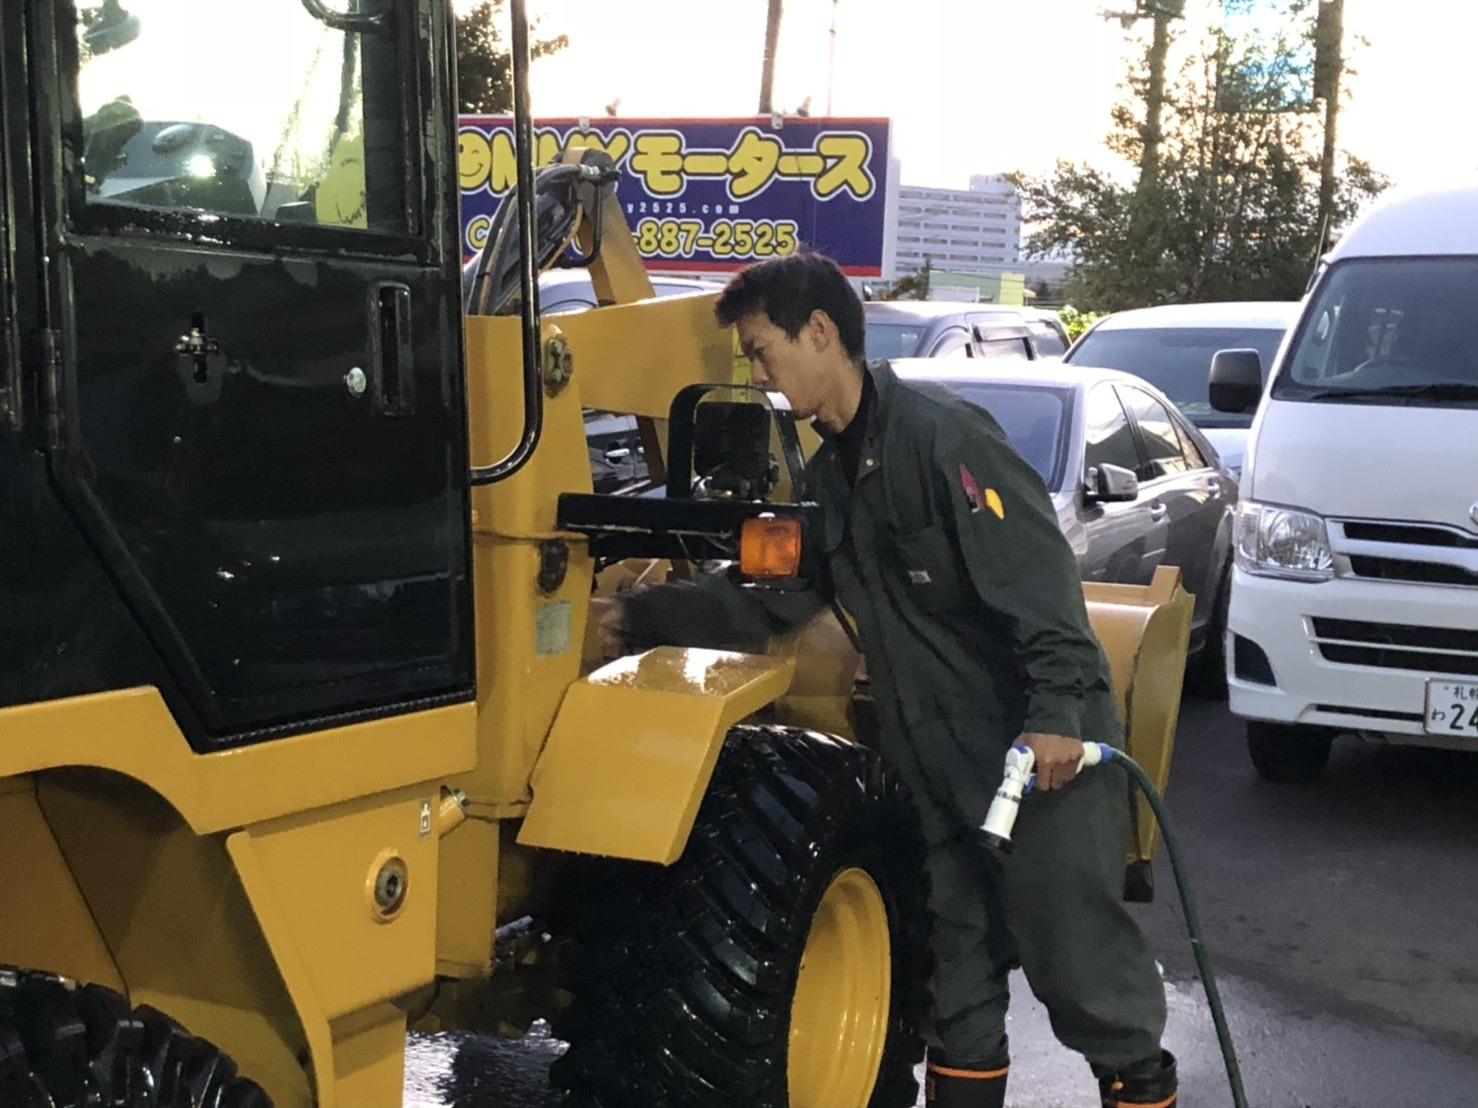 10月13日(土)✿ランクル80F様&ベンツSL350A社様納車(゜゜)♡タントK様ご成約(^^)/_b0127002_18543585.jpg